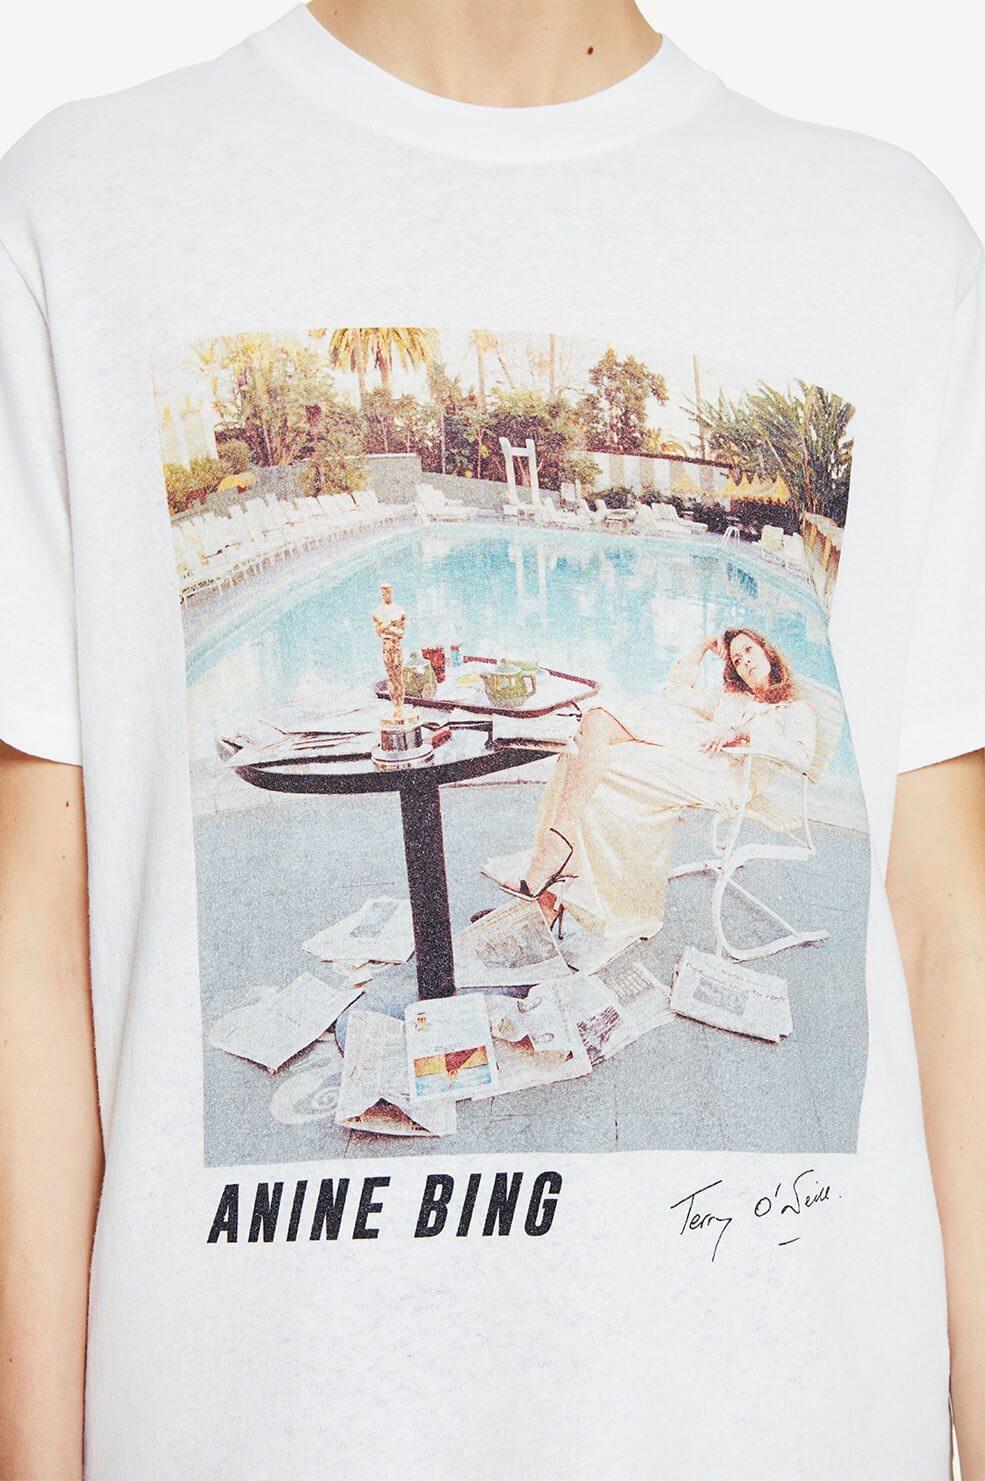 ANINE BING t-shirt lili X to faye dunaway-5